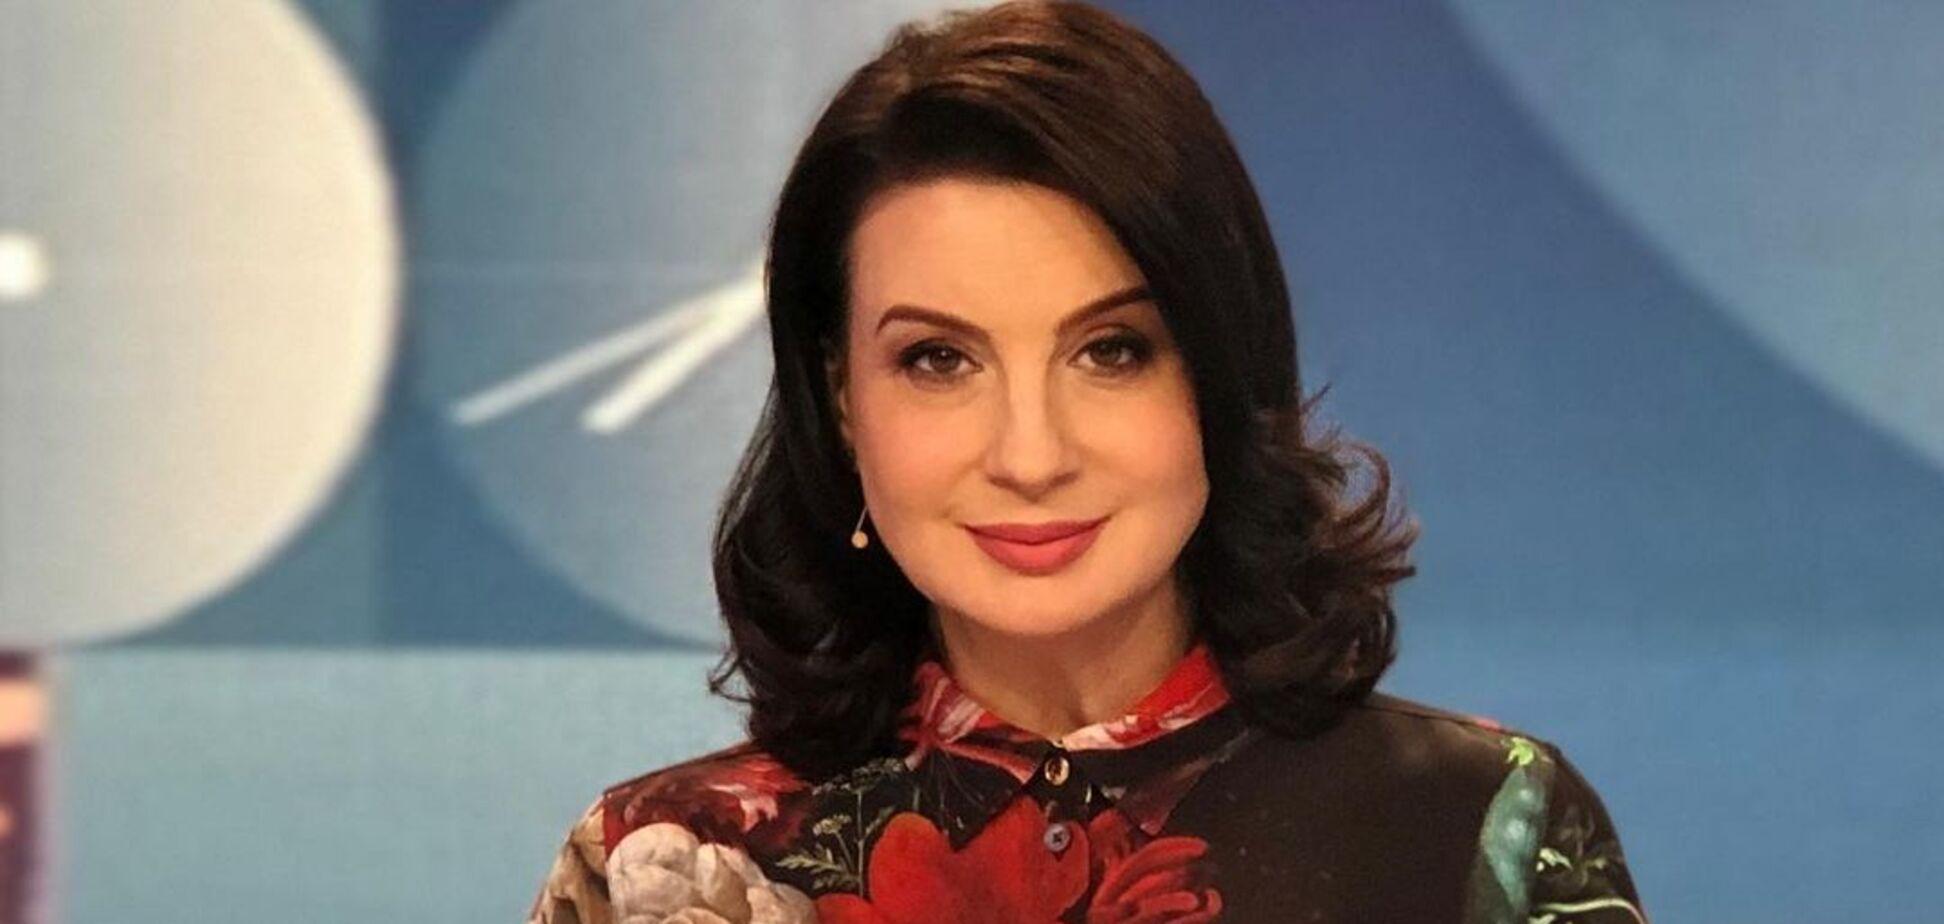 Пропагандистка РФ Стриженова розповіла про перенесену операцію і самопочуття